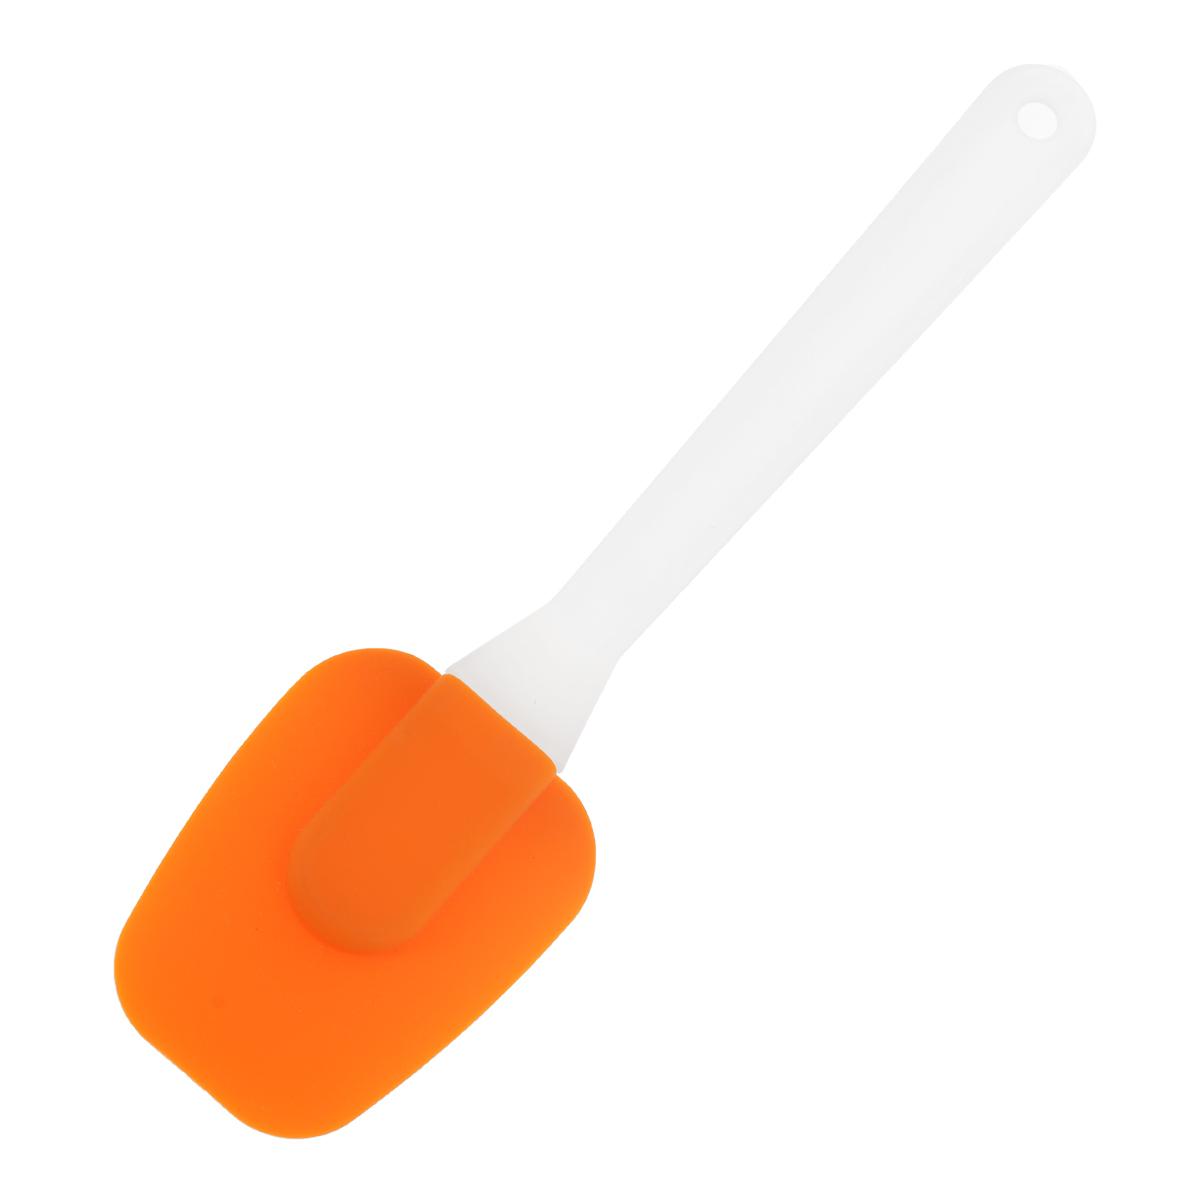 Лопатка кулинарная Marmiton, цвет: оранжевый, длина 25 см16056Кулинарная лопатка Marmiton выполнена из пластика и пищевого силикона. Силиконовую лопатку можно использовать на сковородах с любыми видами покрытий. Изделия из силикона выдерживают высокие и низкие температуры (от -40°С до + 230°С). Они износостойки, легко моются, не горят и не тлеют, не впитывают запахи, не оставляют пятен. Силикон абсолютно безвреден для здоровья. Кулинарная лопатка Marmiton - отличный подарок, необходимый любой хозяйке. Длина лопатки: 25 см. Размер рабочей части лопатки: 6 см х 8 см.